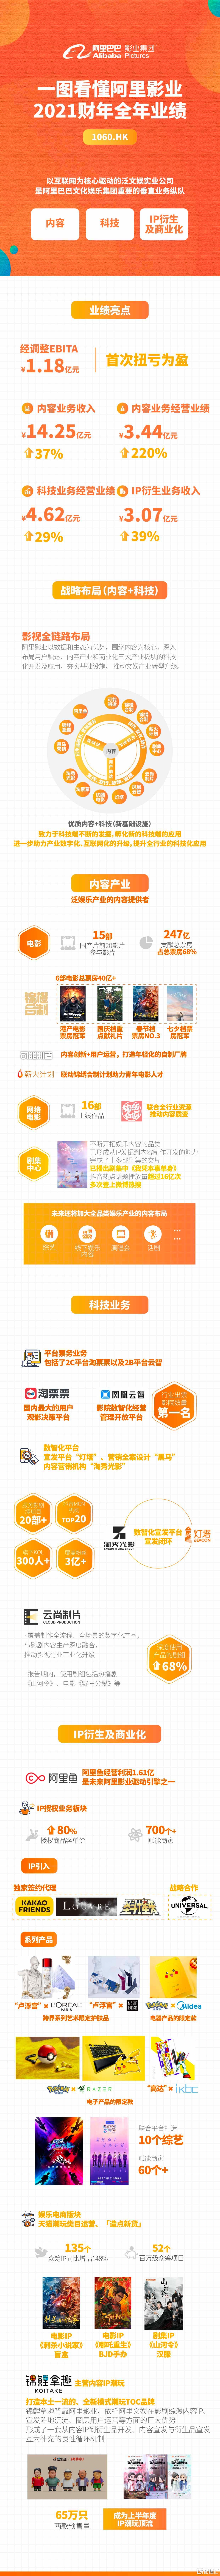 一图看懂阿里影业(1060.HK)2020/21财年业绩